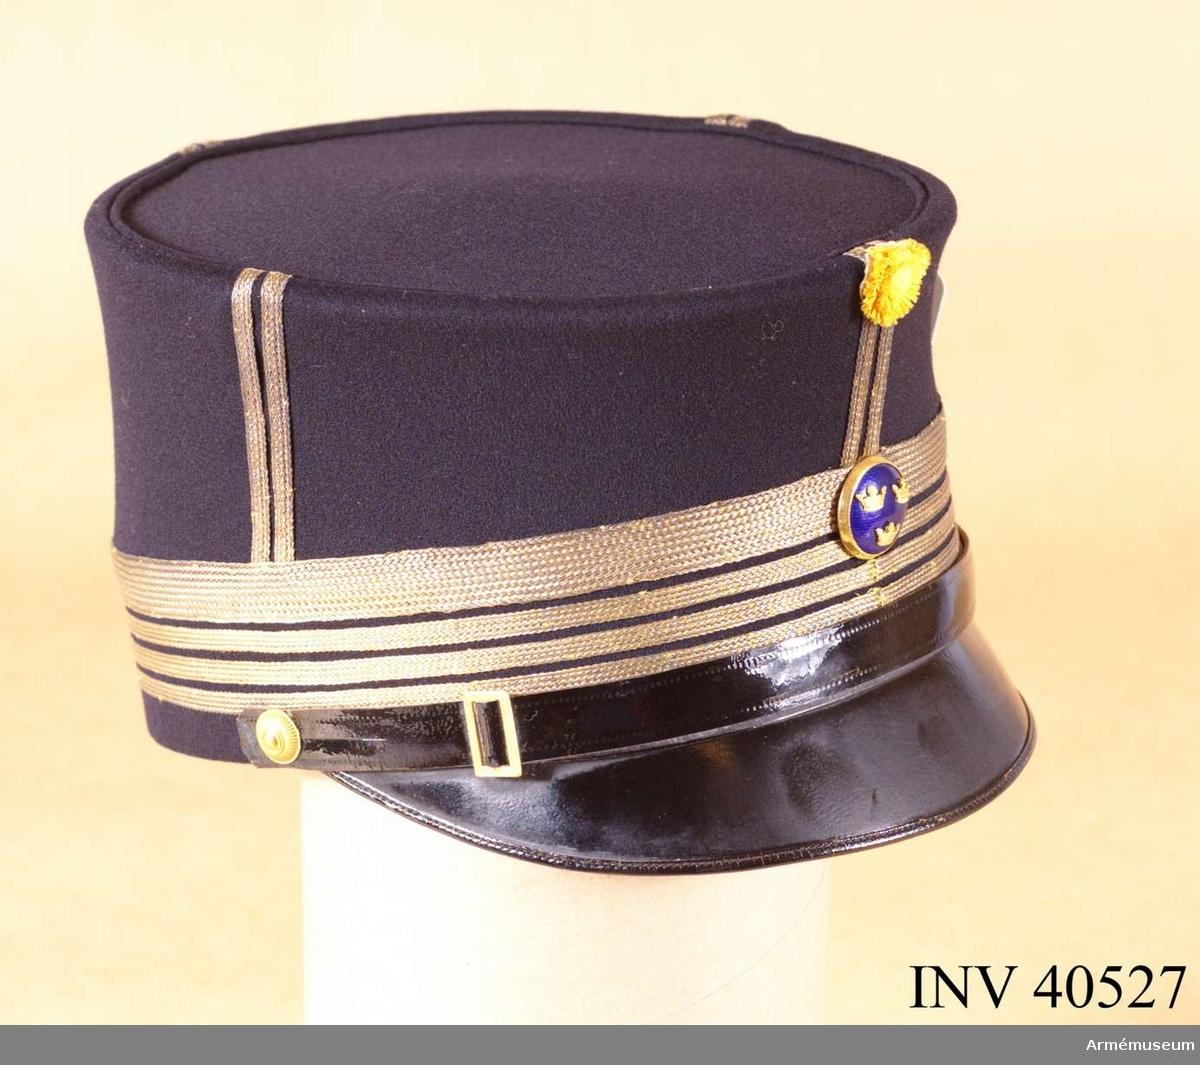 Grupp C. Ur uniform för överste vid Norrlands artilleriregemente. Består av attila, ridbyxor, långbyxor, käppi, mössa, kartusch med rem, sabelkoppel. Buren av överste m.m. A.E. Rudling, död 1923.